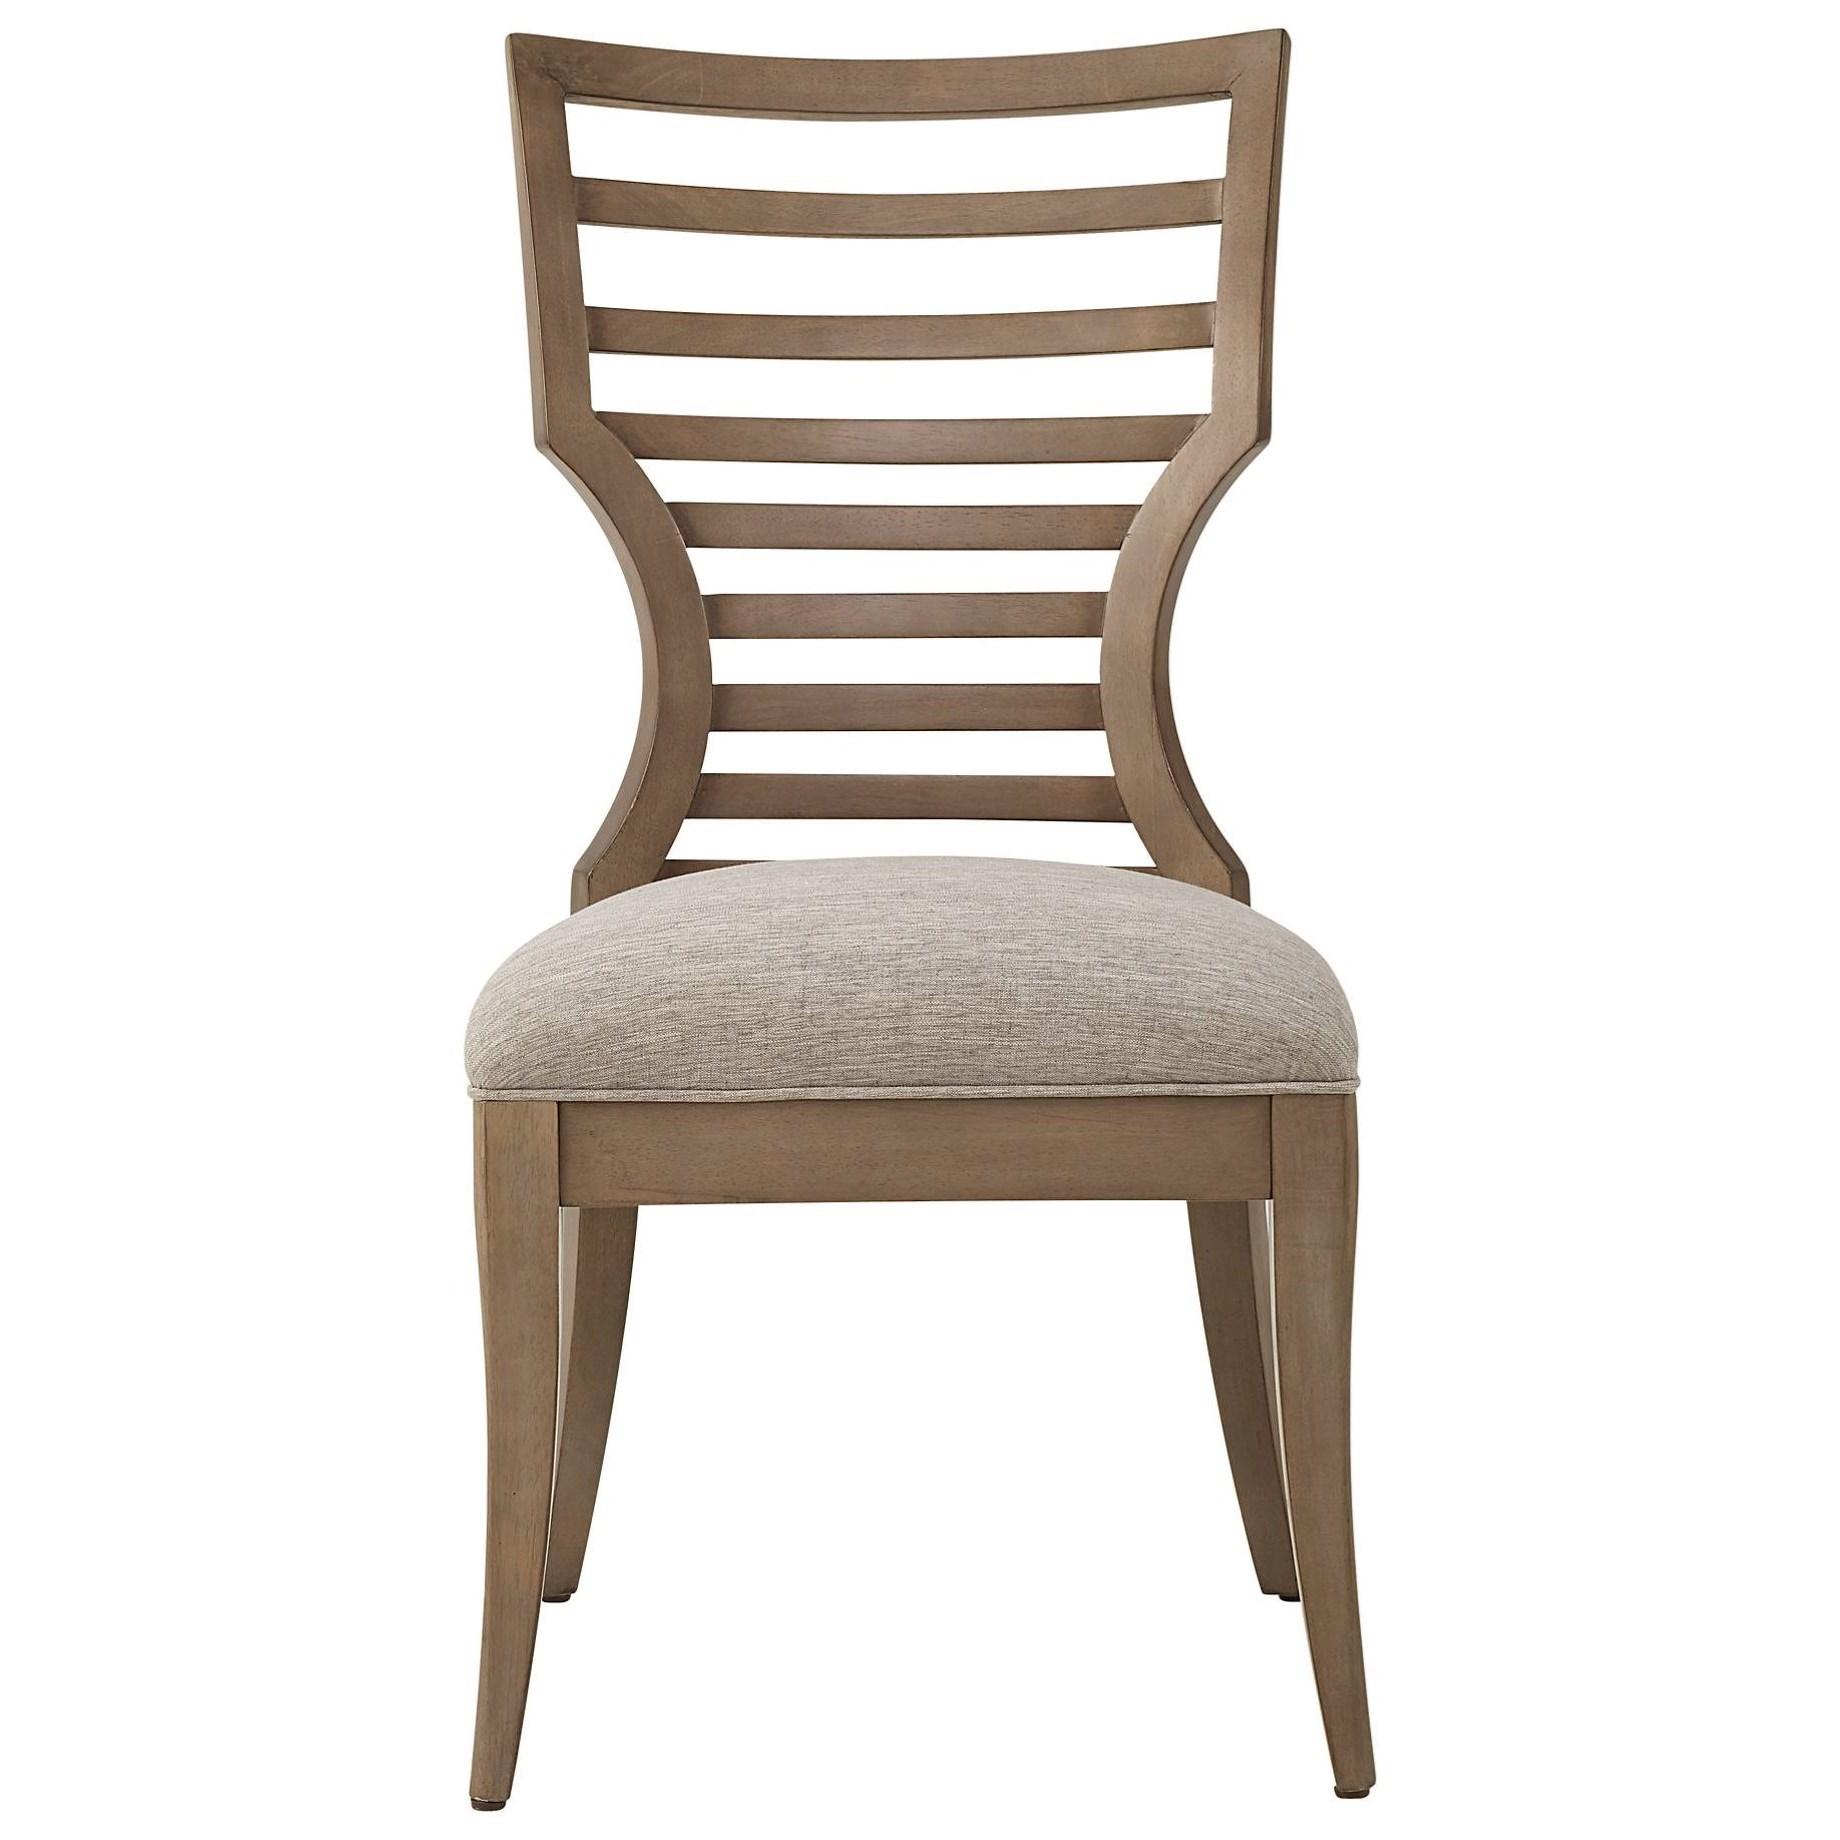 Stanley Furniture Virage Dining Room Set: Stanley Furniture Virage 696-61-60 Wood Side Chair With